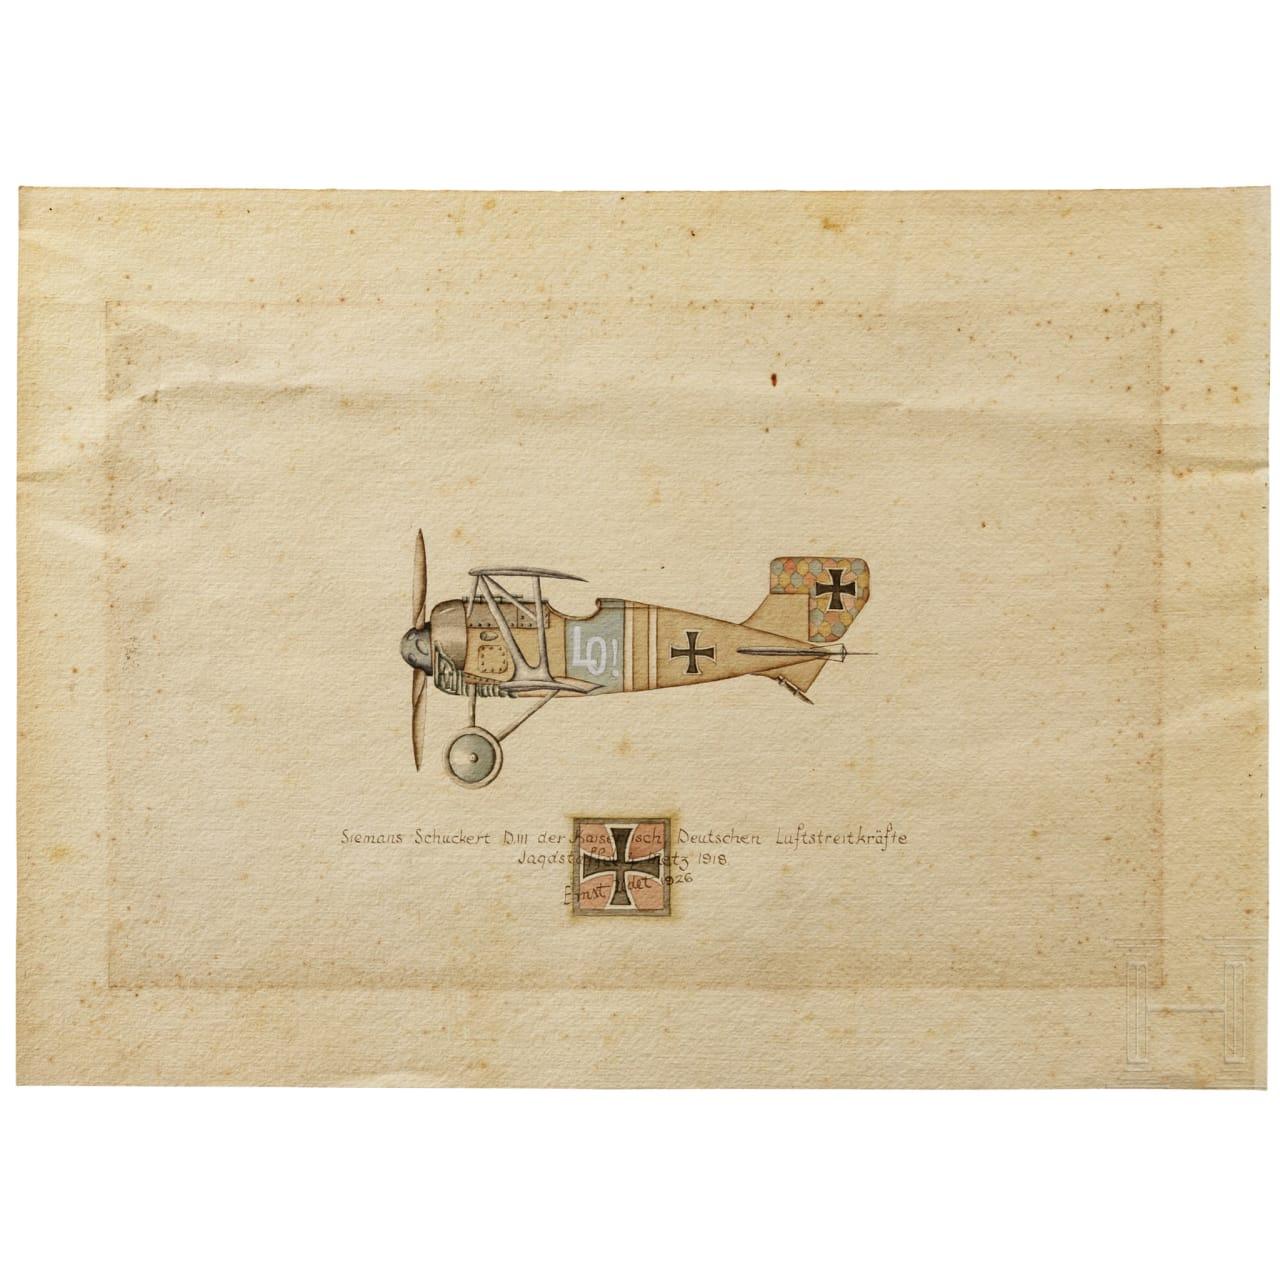 """Ernst Udet - Zeichnung einer """"Siemens-Schuckert D. III der Kaiserlich Deutschen Luftstreitkräfte - Jagdstaffel 4 Metz 1918"""", datiert und signiert 1926"""